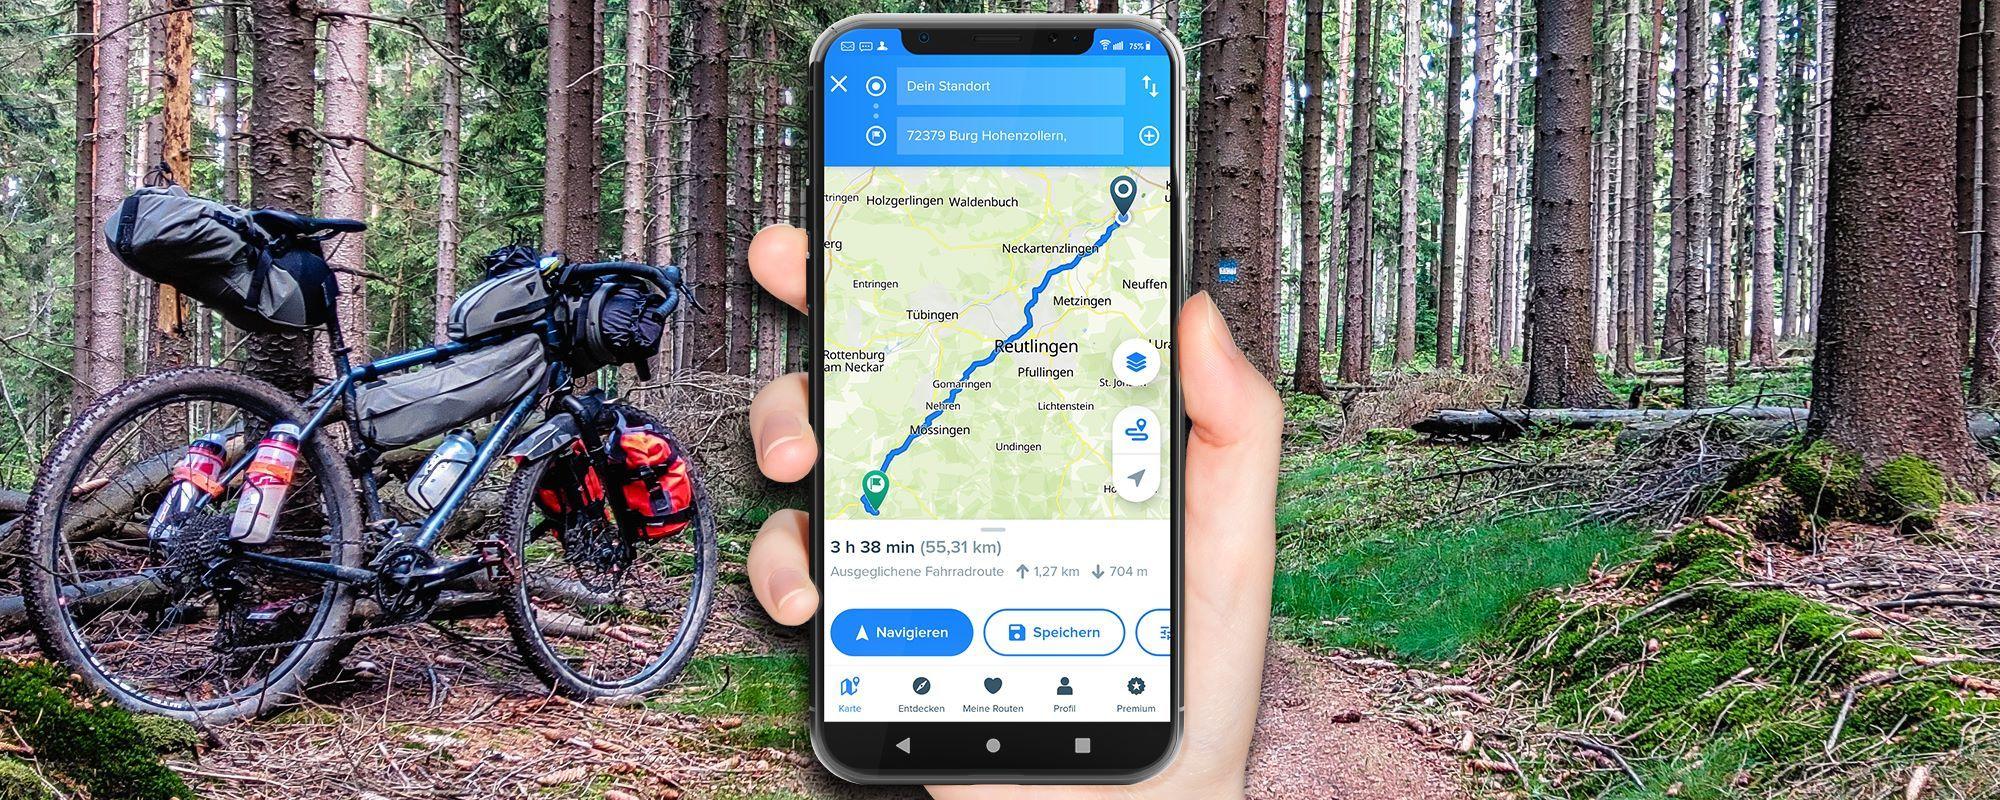 Bikemap Erfahrungen - Fahrrad Navi App im Test: Route erstellen & navigieren auf iPhone, Android und im Web